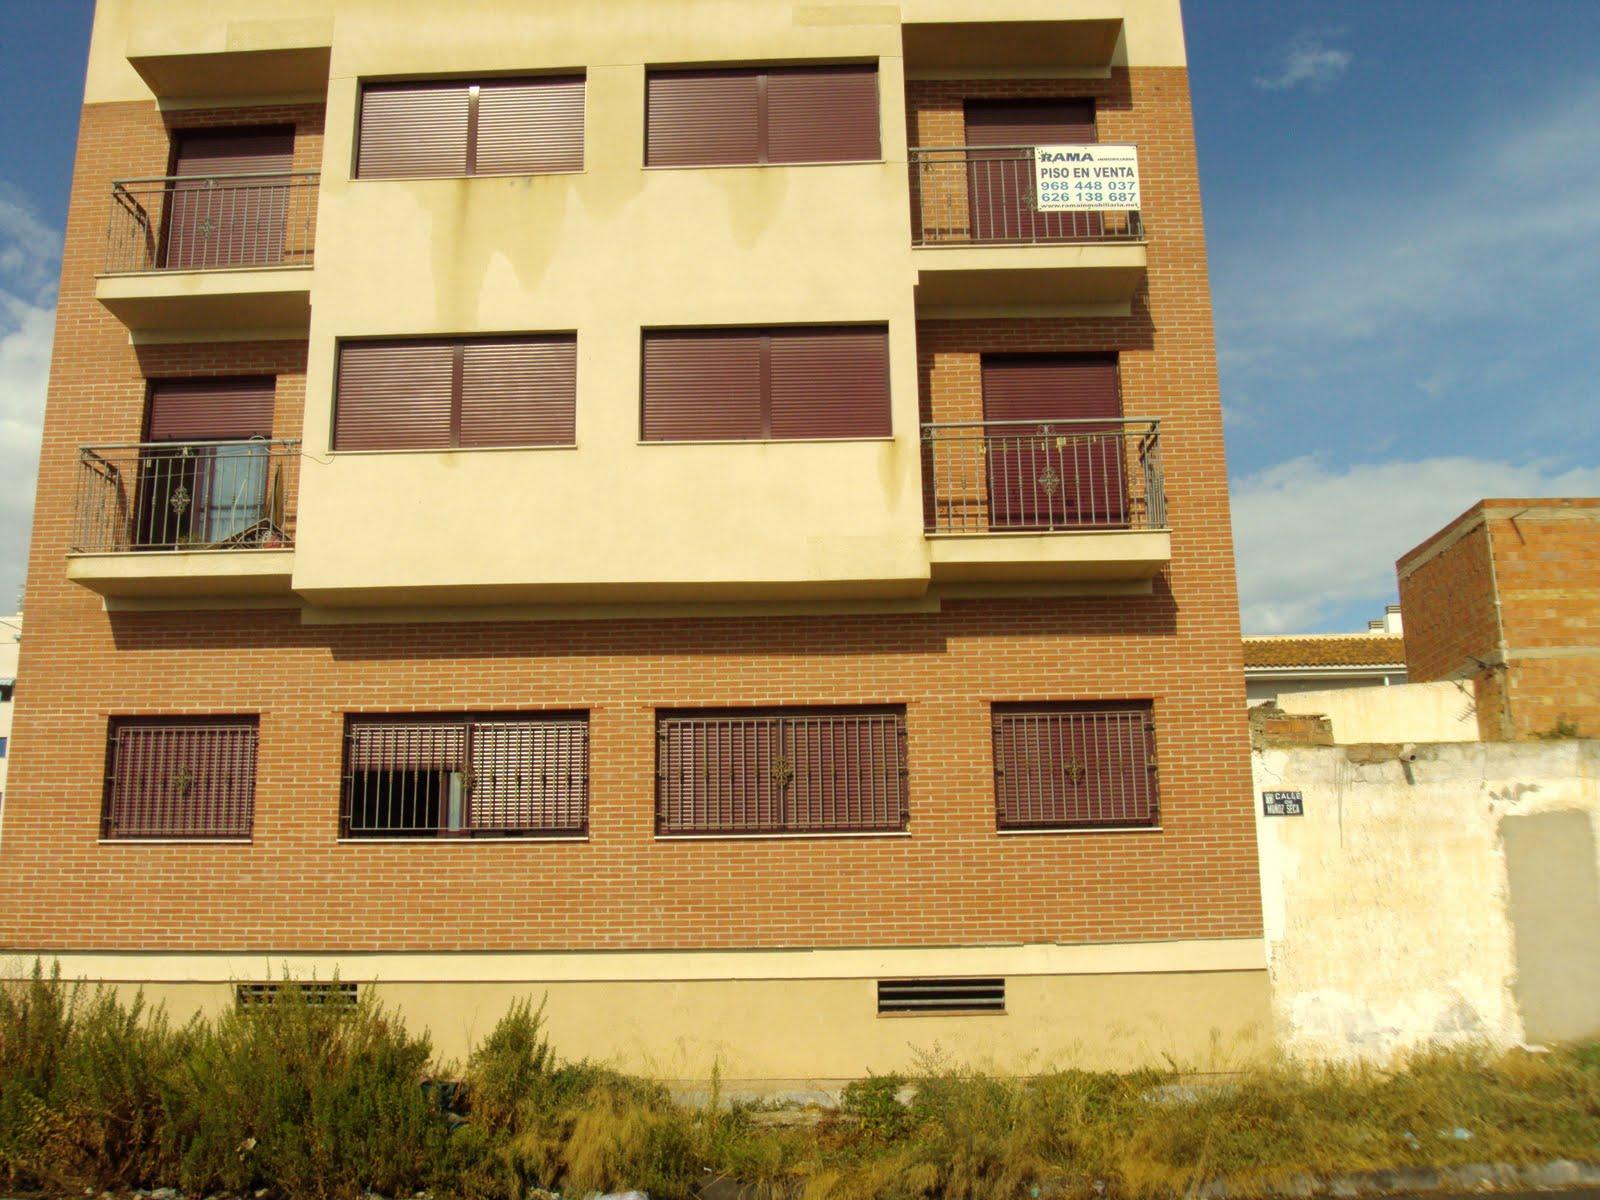 Plataforma inmobiliaria alquiler piso para todo el a o for Alquiler pisos a valenza